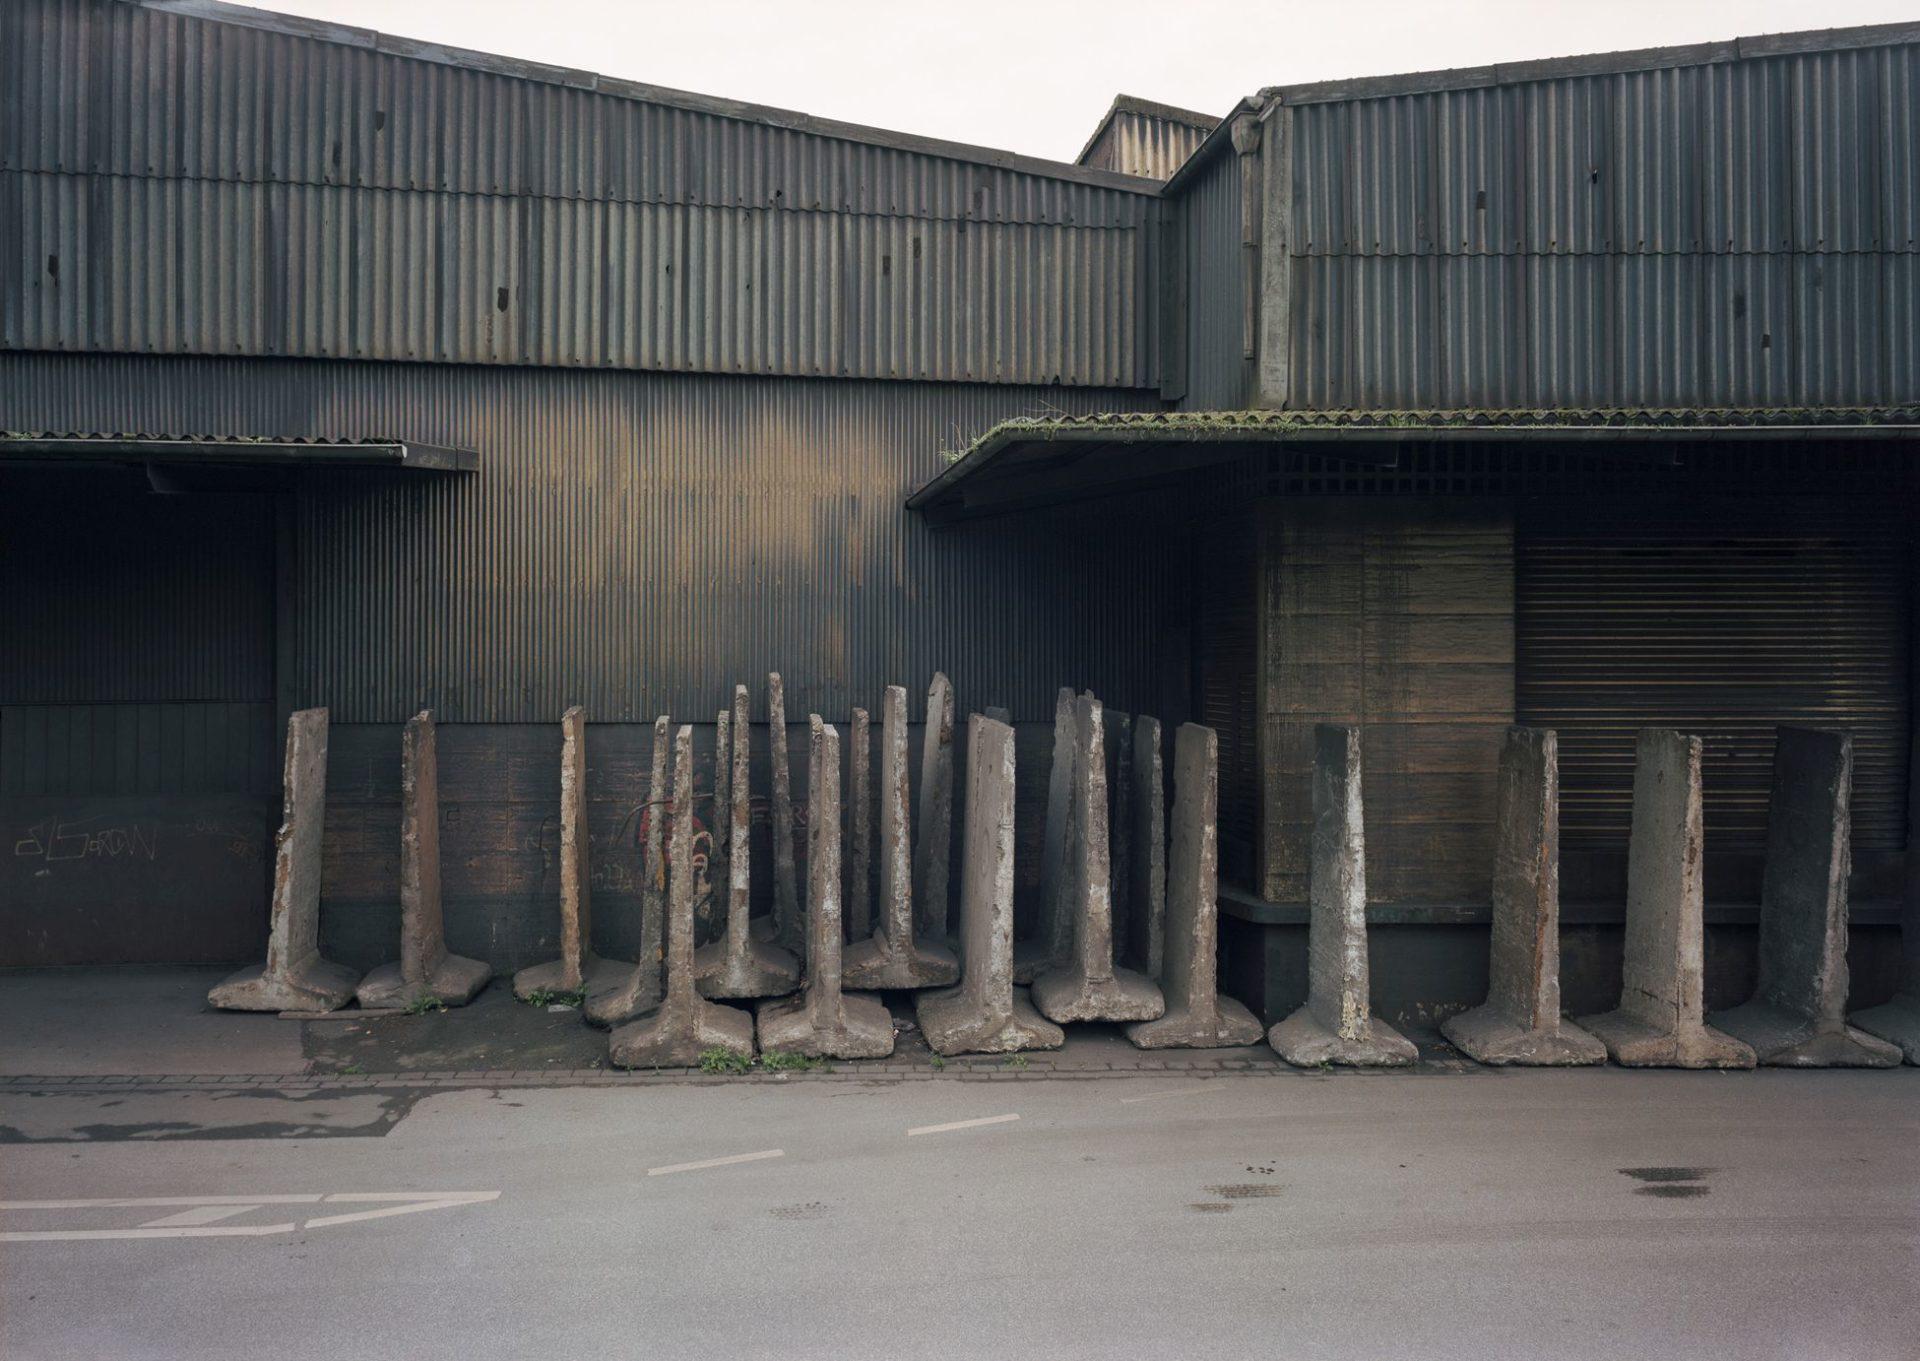 Am Parallelhafen, 2014. Foto: Laurenz Berges.